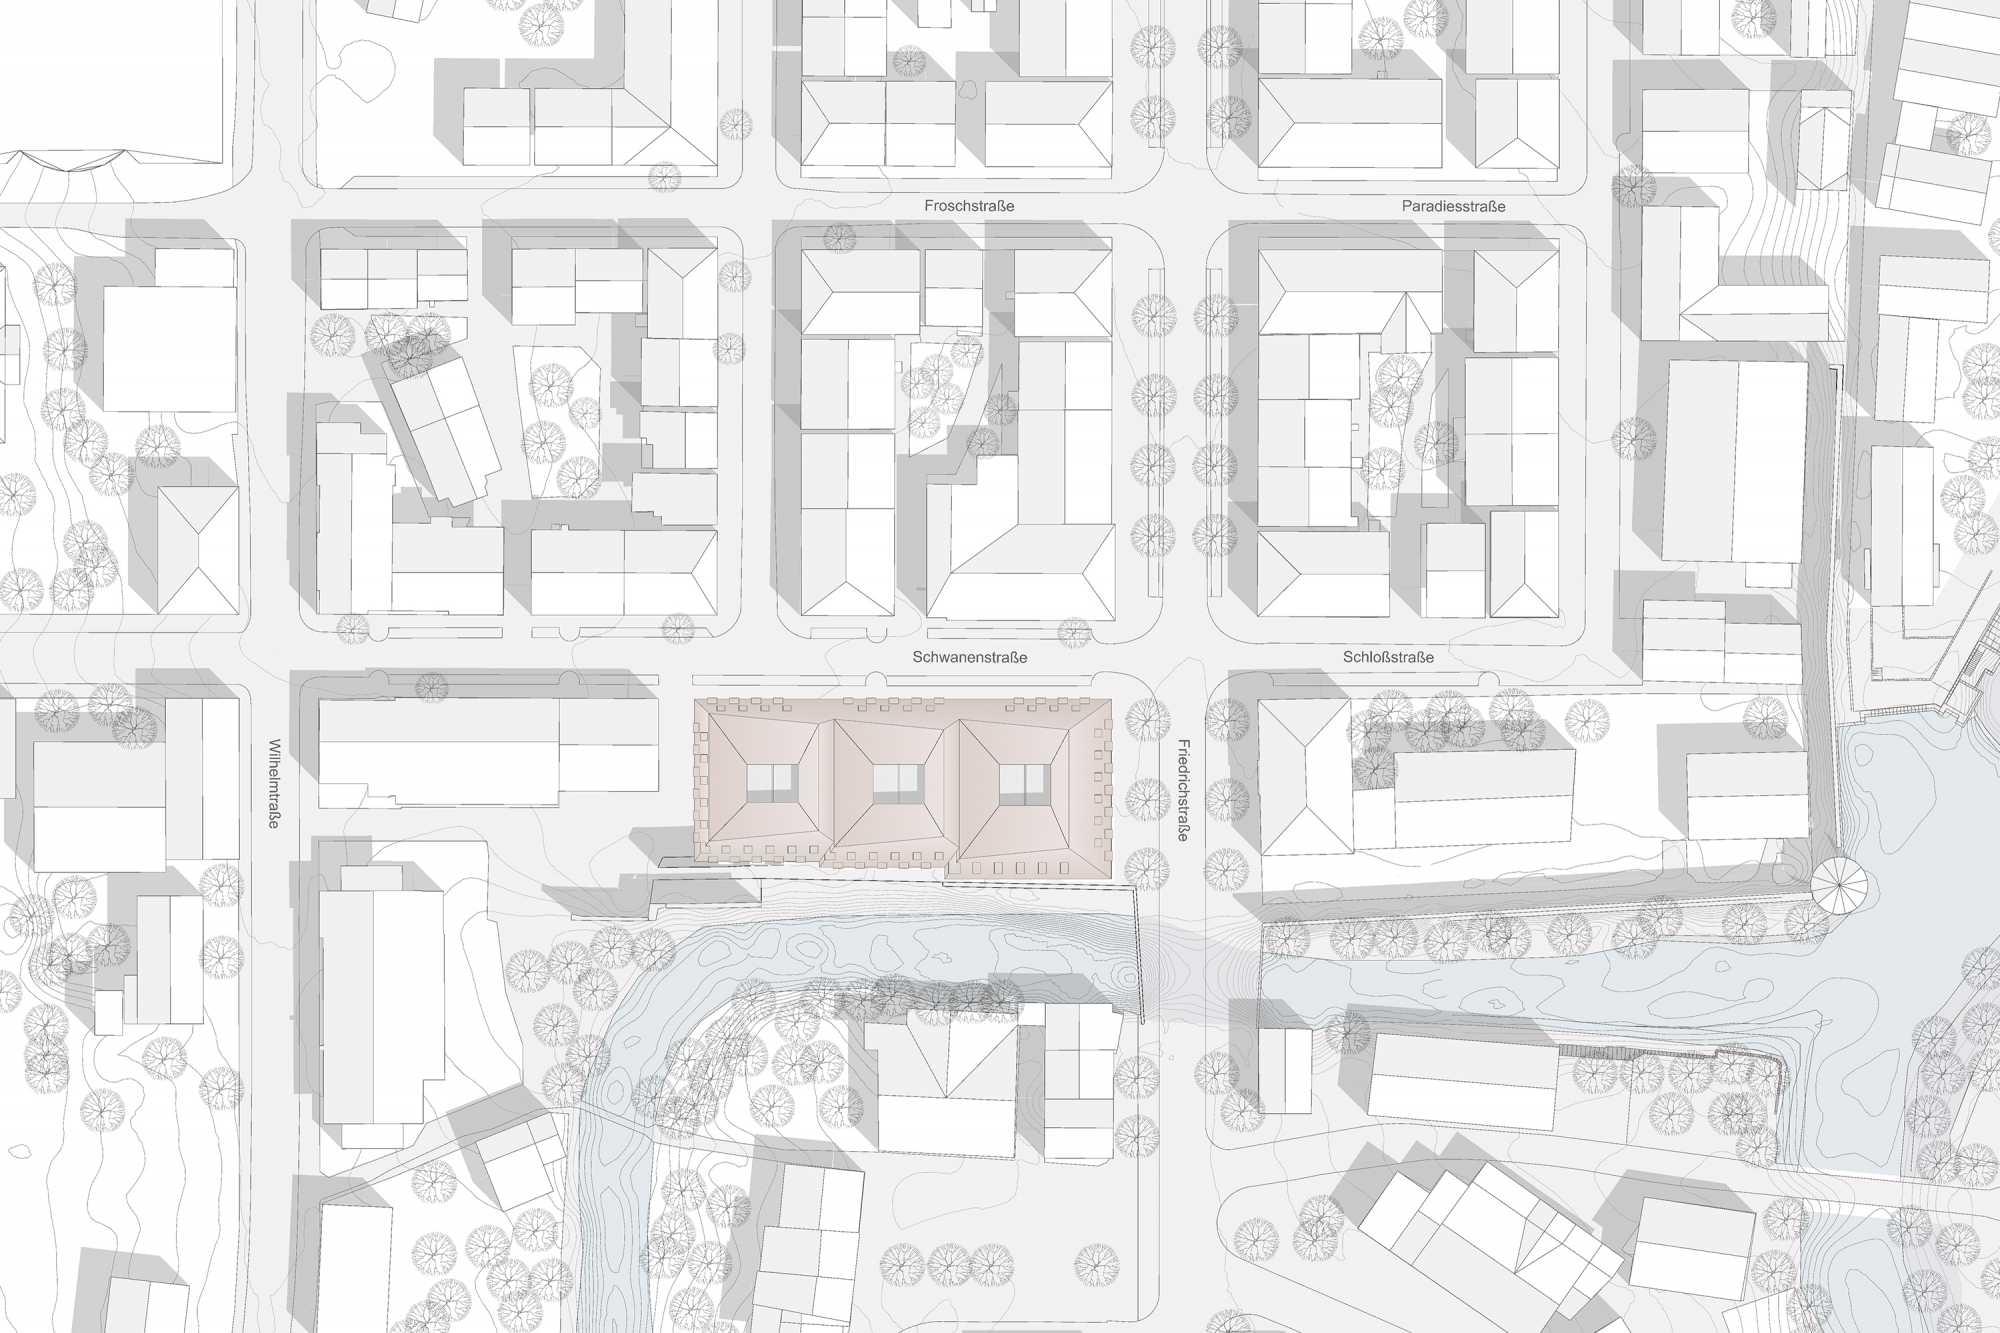 Wohn- und Geschäftshaus Schwanenstrasse ({project_images:field_row_count})